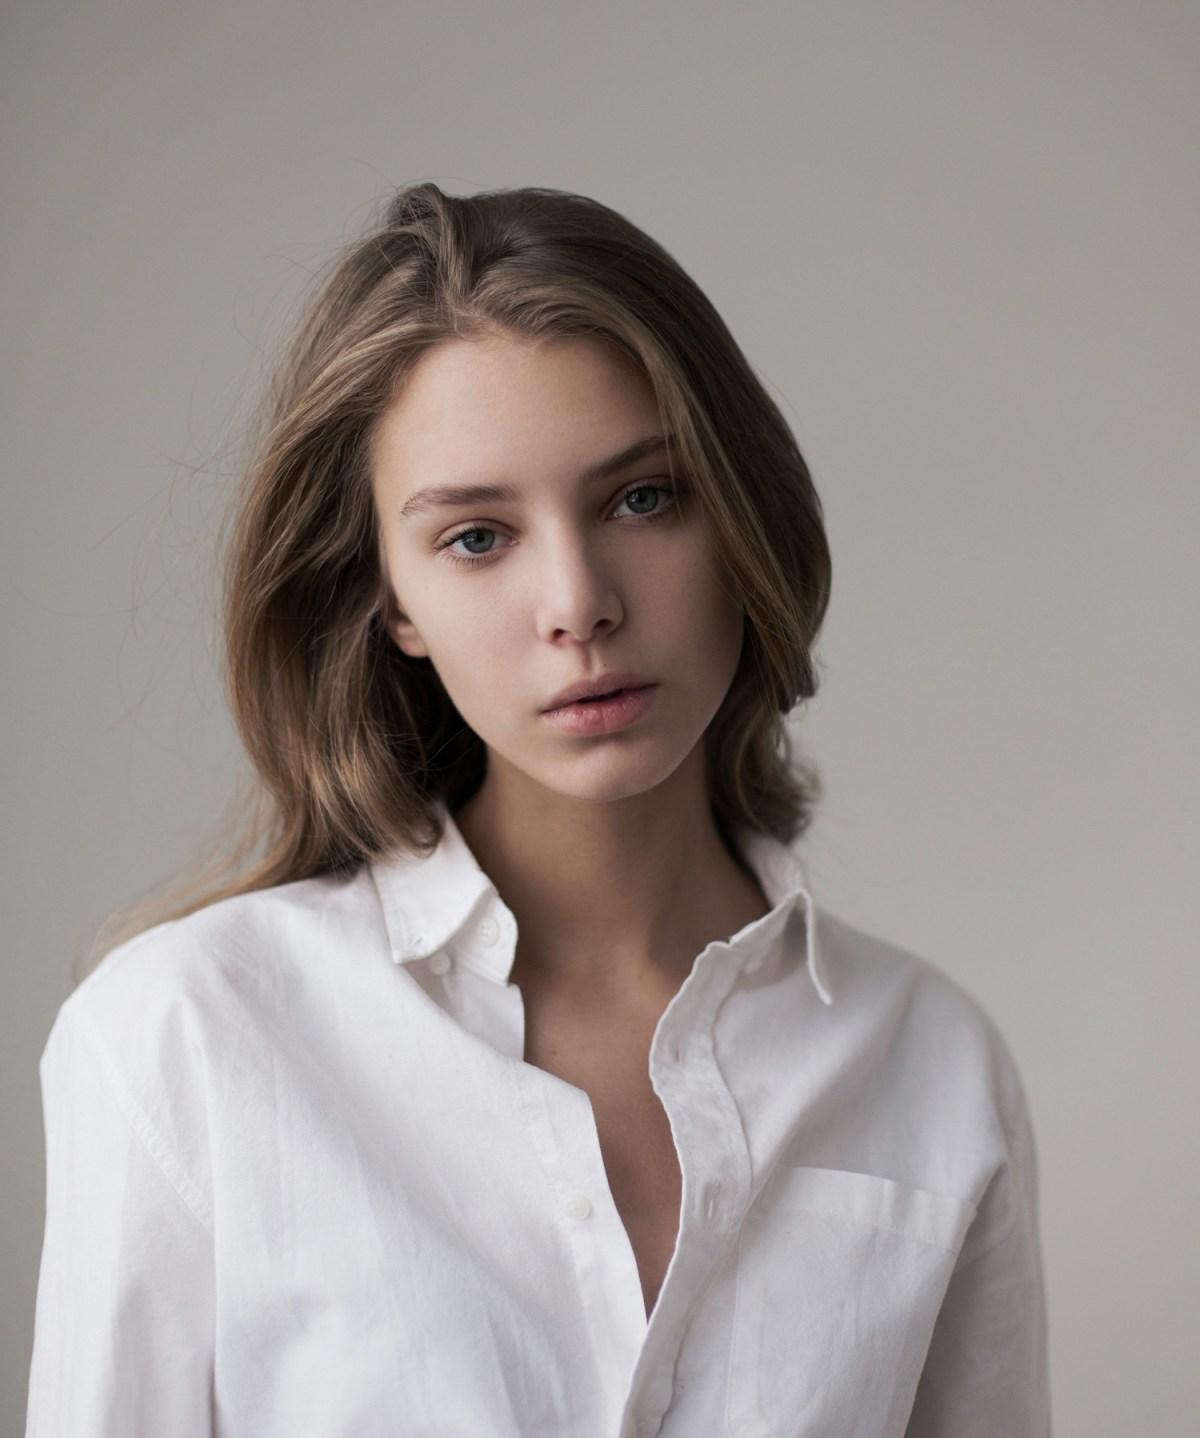 Kate Banshchikova by Vika Vlasova